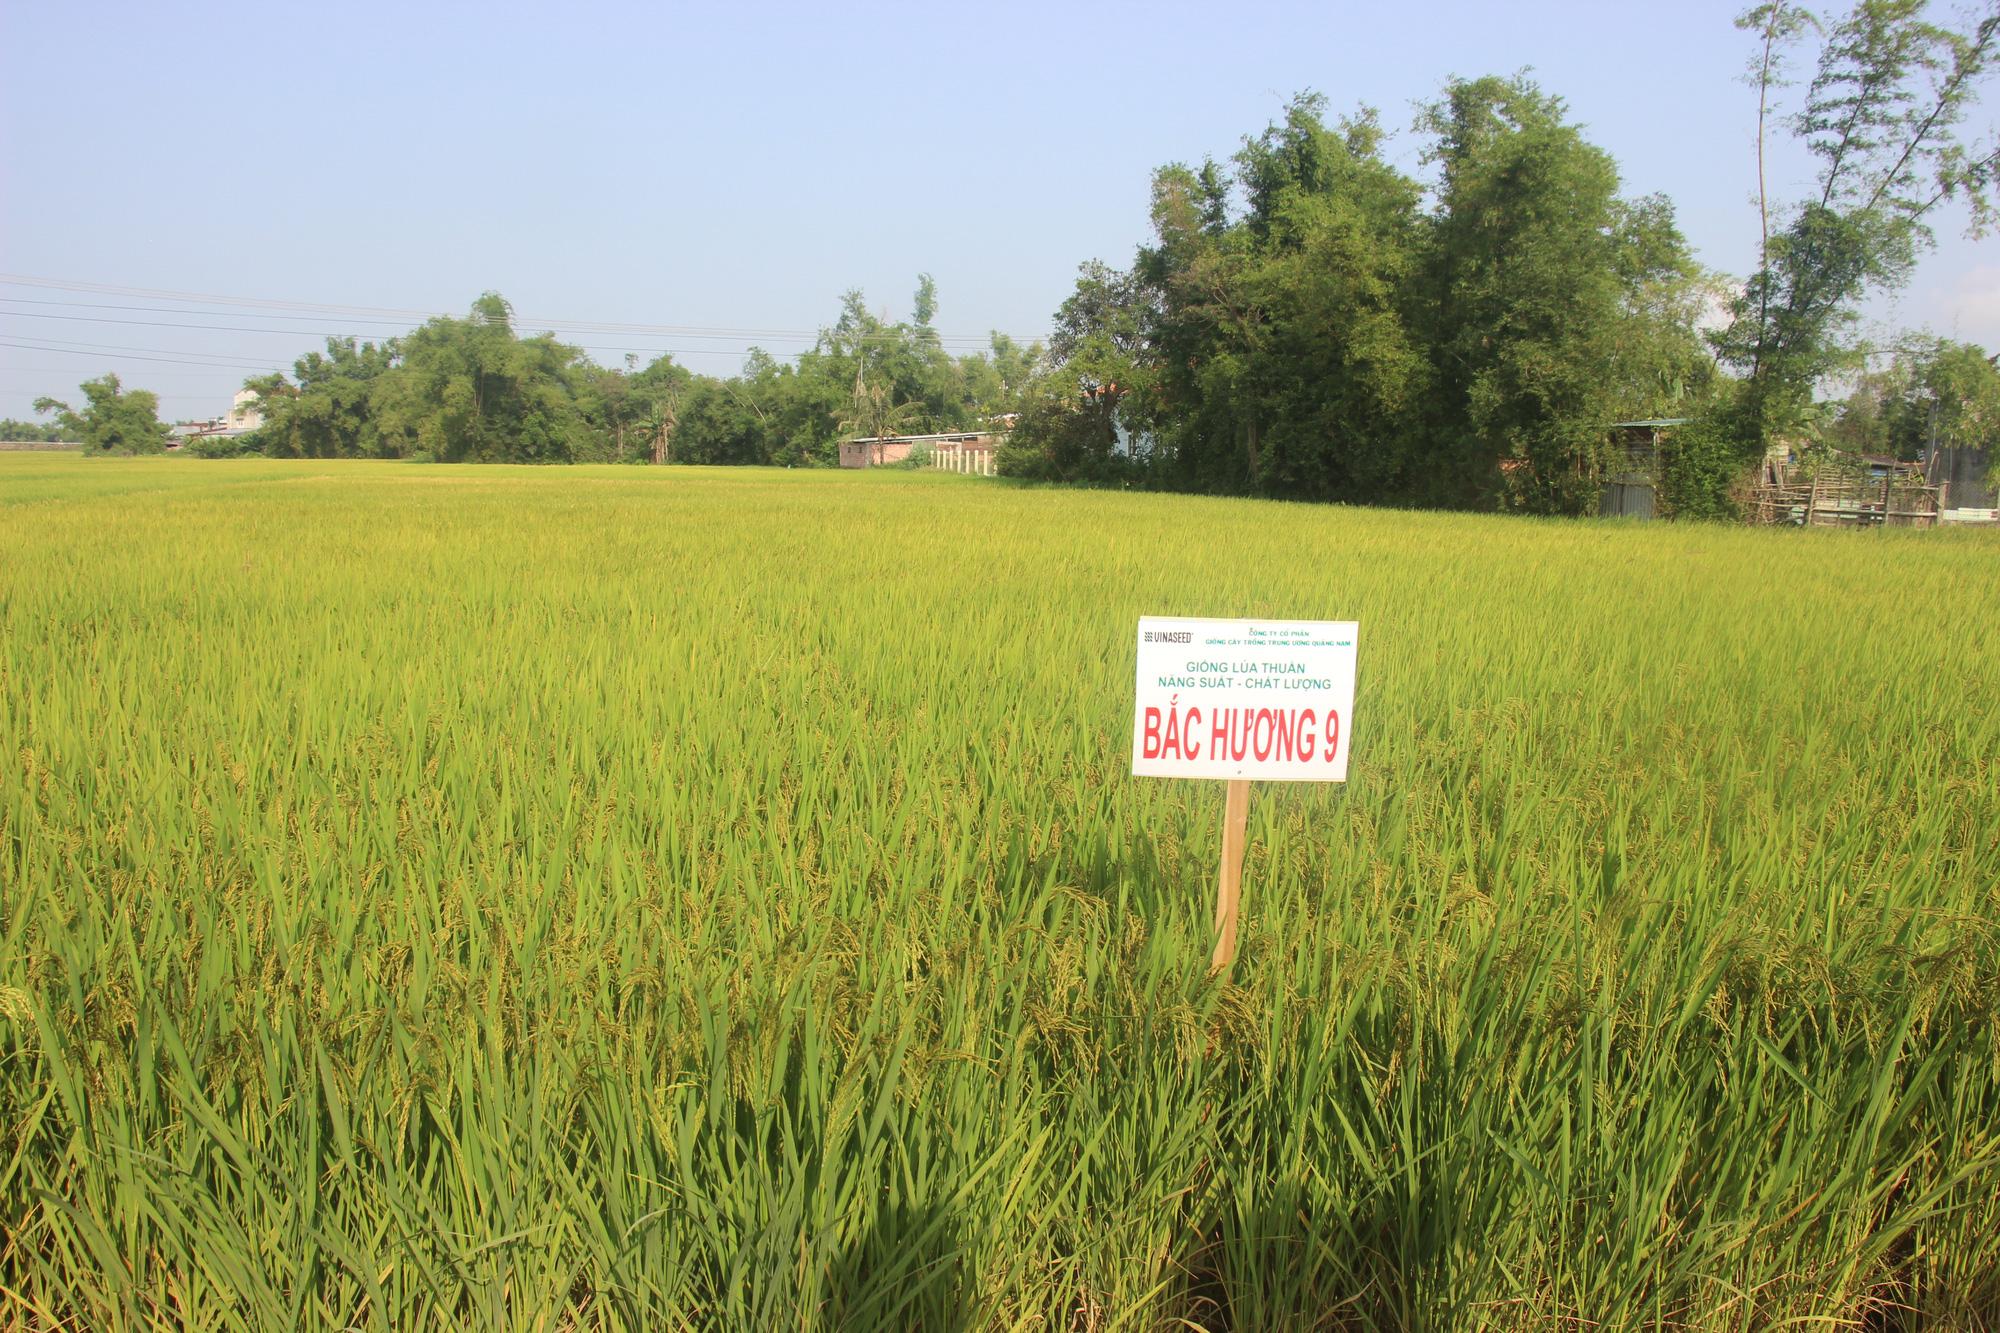 Ngỡ ngàng loạt giống lúa siêu năng suất, chống chịu sâu bệnh trên cánh đồng Bình Định, có giống đạt đến 90 tạ/ha  - Ảnh 1.